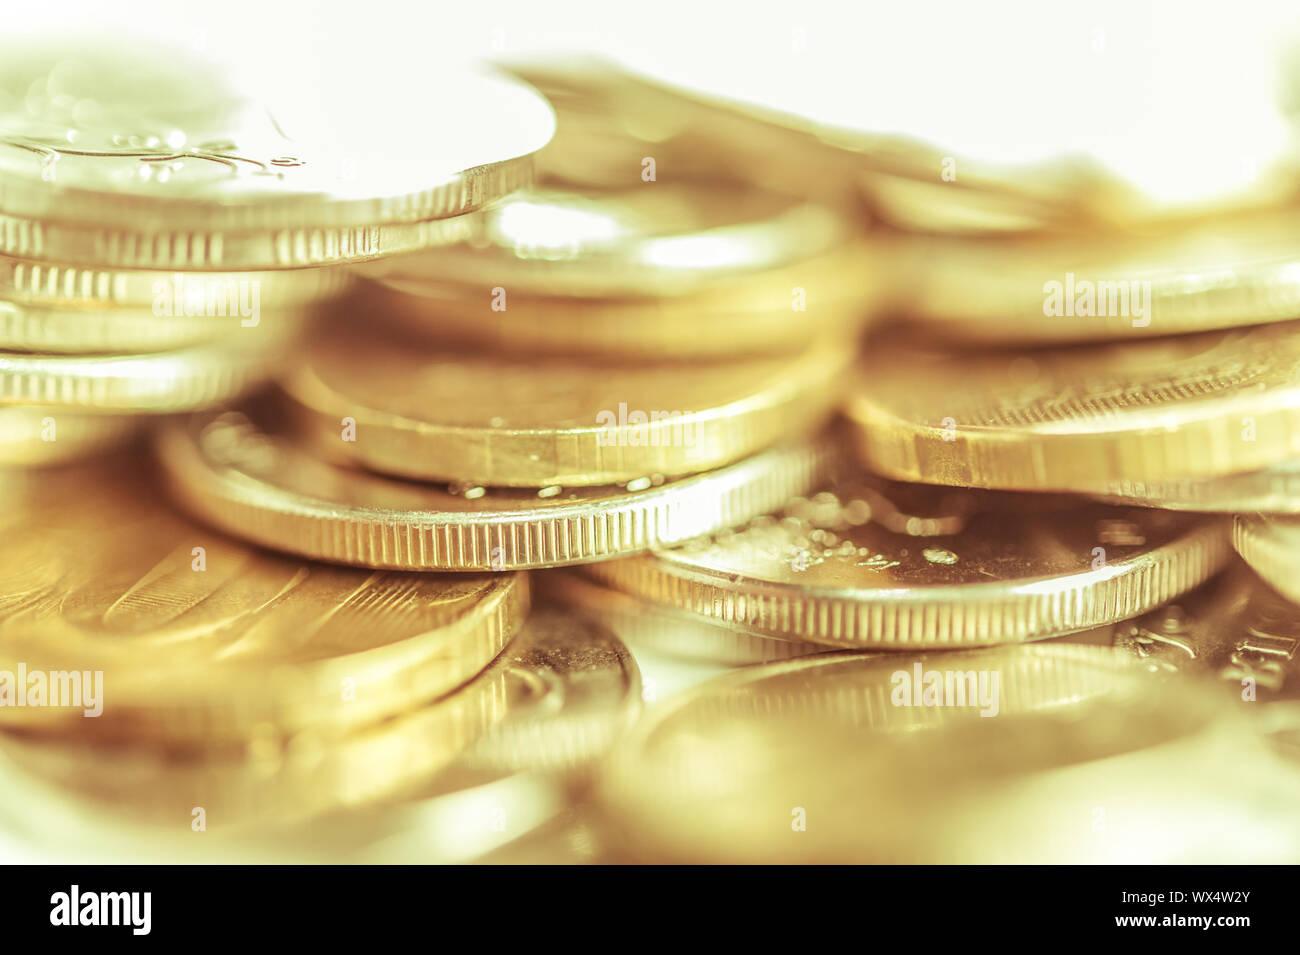 Stapel von Goldmünzen Makro. Zeilen von Münzen, die für den Finanz- und Banksektor Konzept. Wirtschaft trends Hintergrund für die Idee. Stockfoto